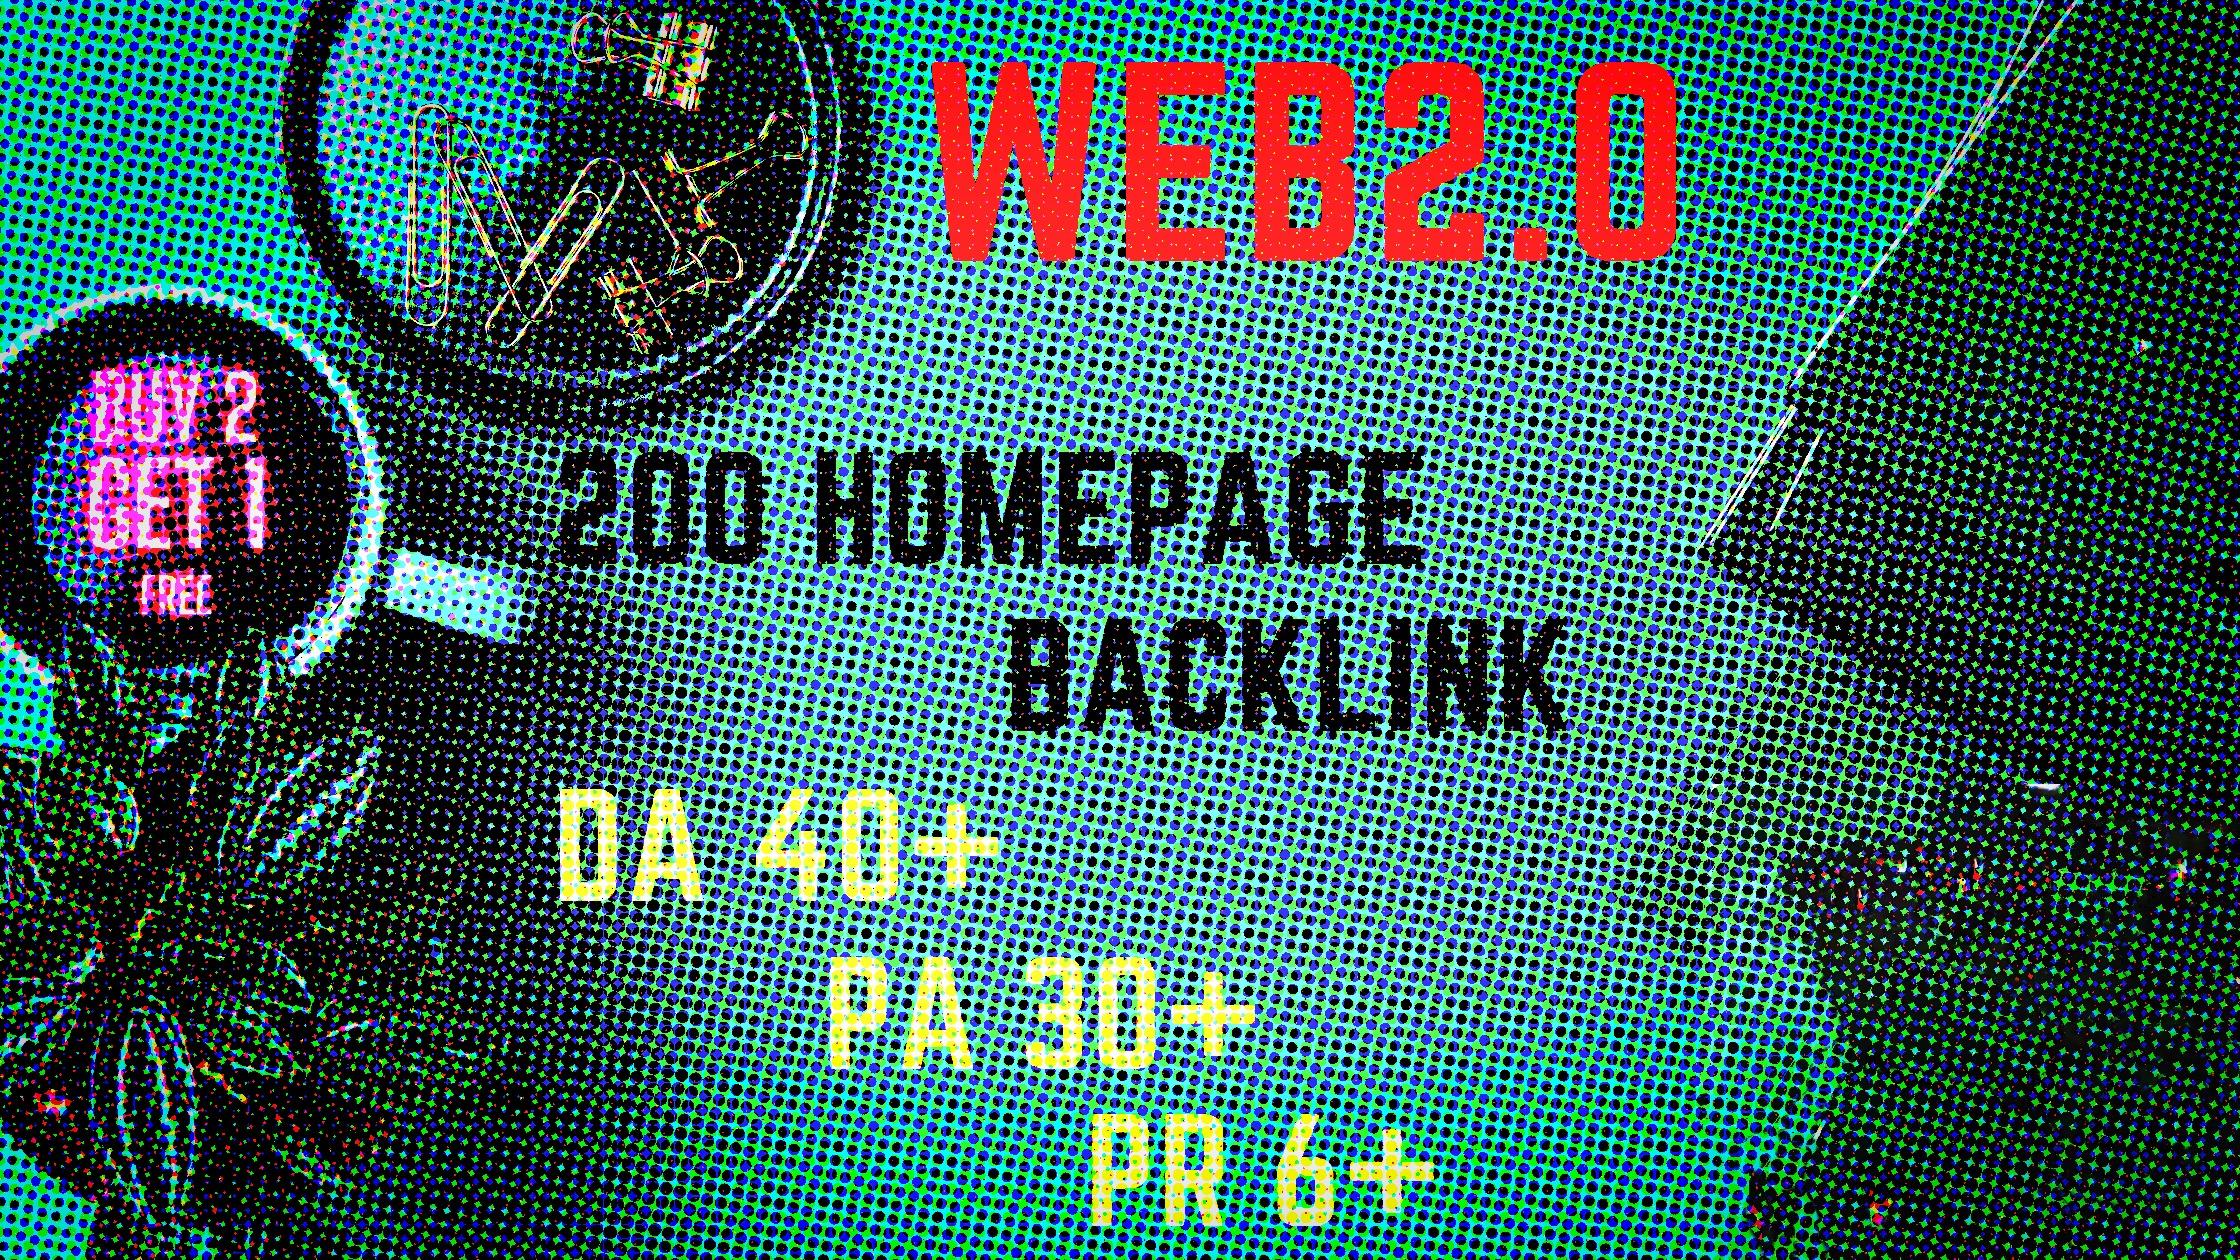 I will provide you DA 40+ PA 30+ PR 6+ Web2.0 200 homepage Backlink in 100 do-follow in unique site